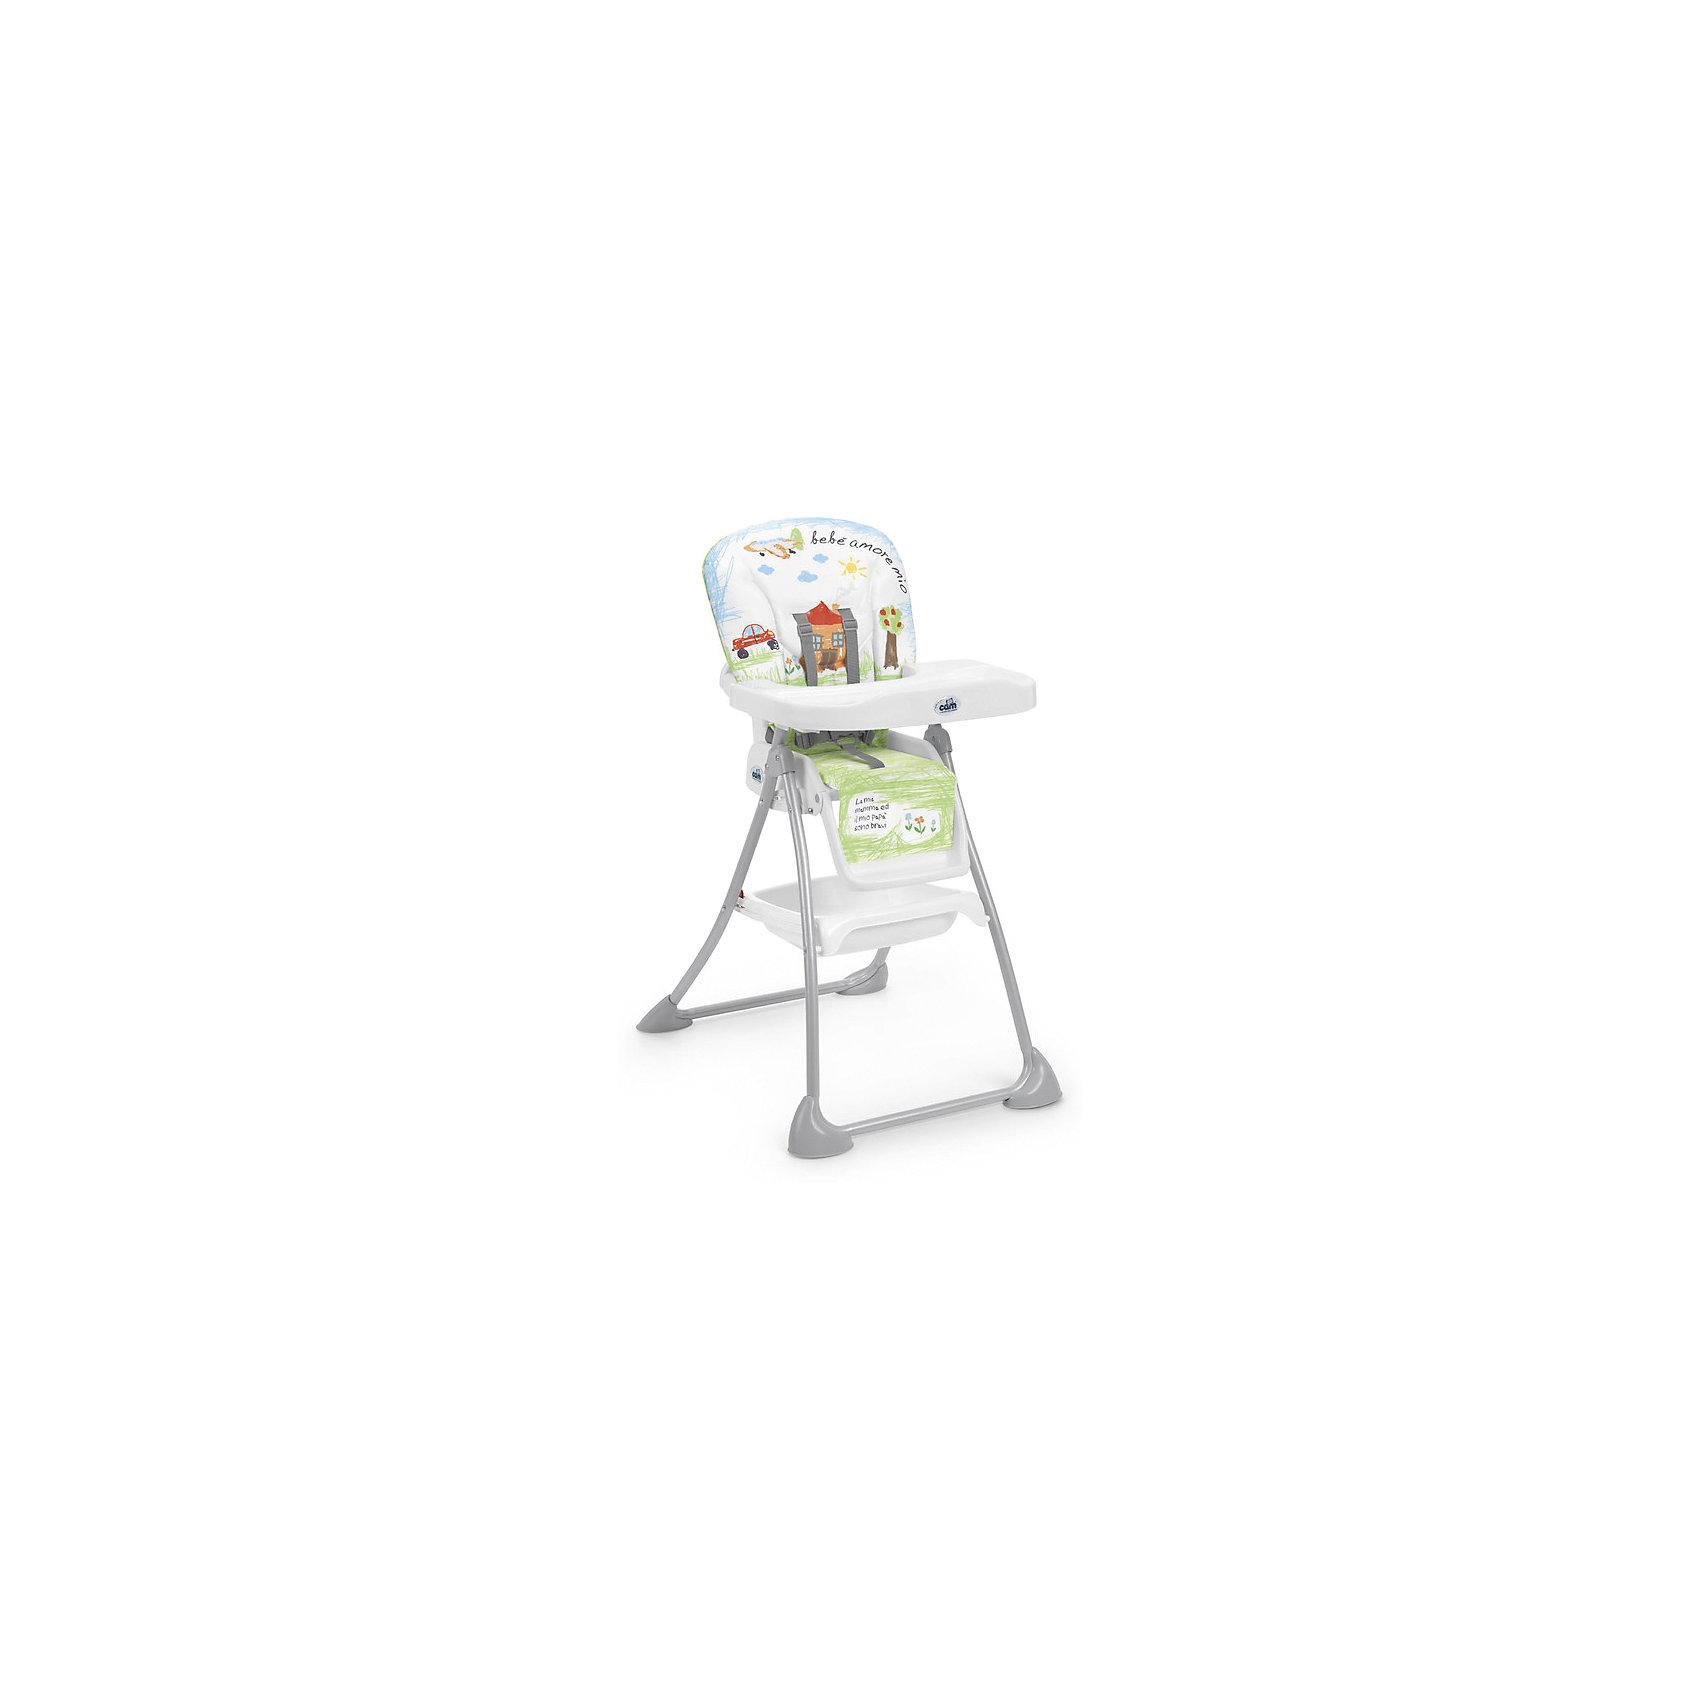 Стульчик для кормления Mini Plus, CAM, Bebe amore mioот +6 месяцев<br>Стульчик для кормления Mini Plus, CAM, Bebe amore mio обеспечивает удобство при кормлении.<br>Очень компактный и легкий стул создает максимальный комфорт для ребенка. Он регулируется: наклон спинки и высота сиденья, положение и высота опоры для ног в трех режимах. Поднос можно снять. Кроме того, у стульчика чехол из эко-кожи, который можно снять и легко помыть. Ножки с защитными насадками против скольжения. Для безопасности ребенка 5-точечный ремень безопасности. Есть отделение, в котором можно хранить продукты.<br><br>Дополнительная информация:<br><br>- размер в открытом виде: 62х83х111 см<br>- размер в сложенном виде: 62х23х109 см<br>- возрастная группа: от 6 месяцев<br>- цвет: белый<br><br>Стульчик для кормления Mini Plus, CAM, Bebe amore mio бежевый можно купить в нашем интернет магазине.<br><br>Ширина мм: 550<br>Глубина мм: 220<br>Высота мм: 995<br>Вес г: 8300<br>Возраст от месяцев: 6<br>Возраст до месяцев: 36<br>Пол: Унисекс<br>Возраст: Детский<br>SKU: 5013518